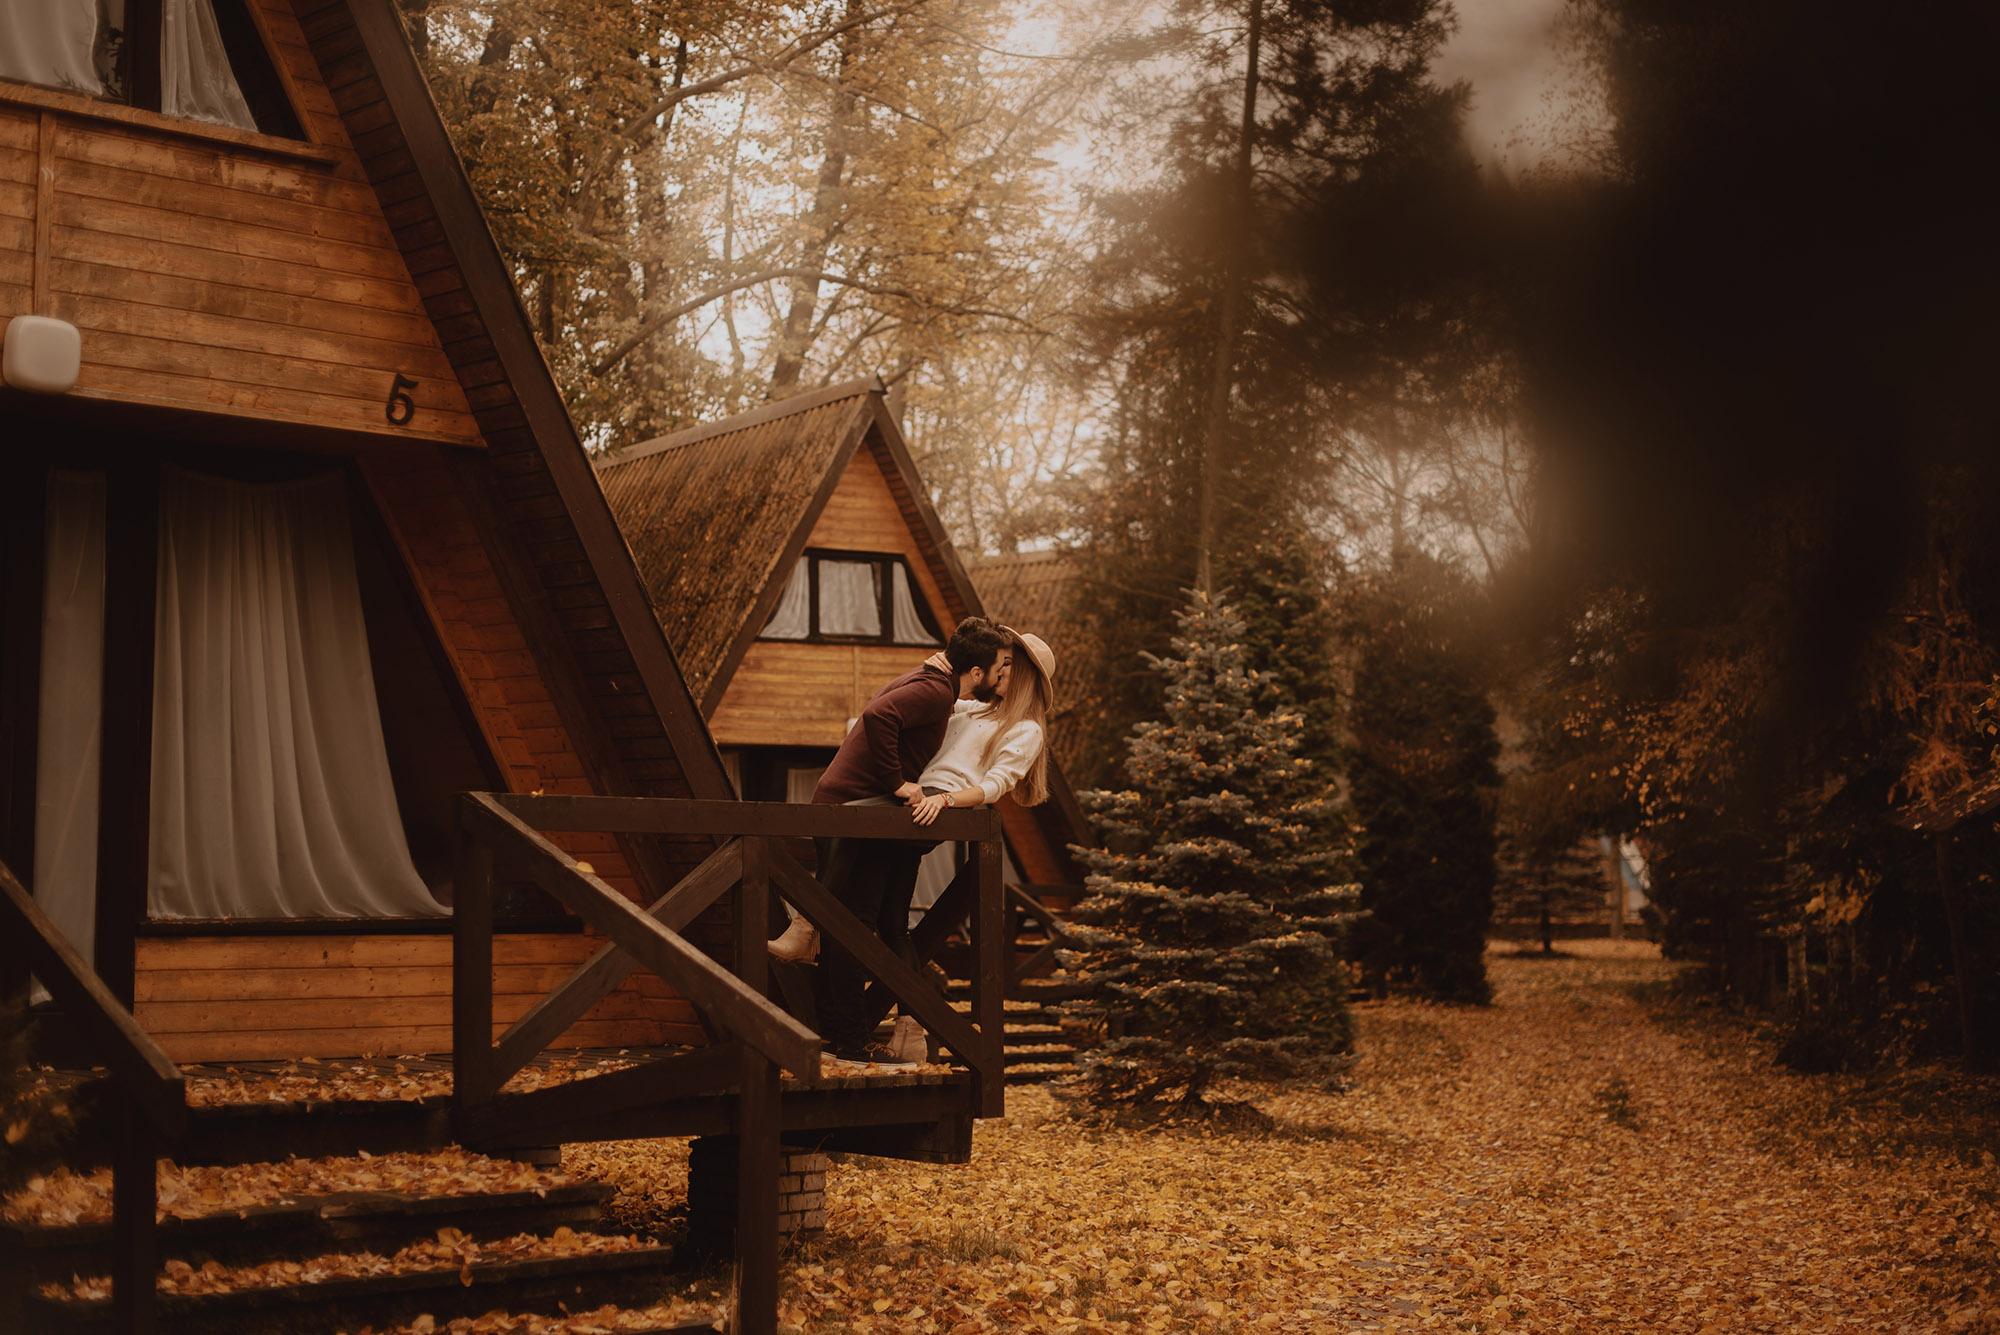 Jesienna sesja narzeczenska00005 - Jesienna sesja narzeczeńska